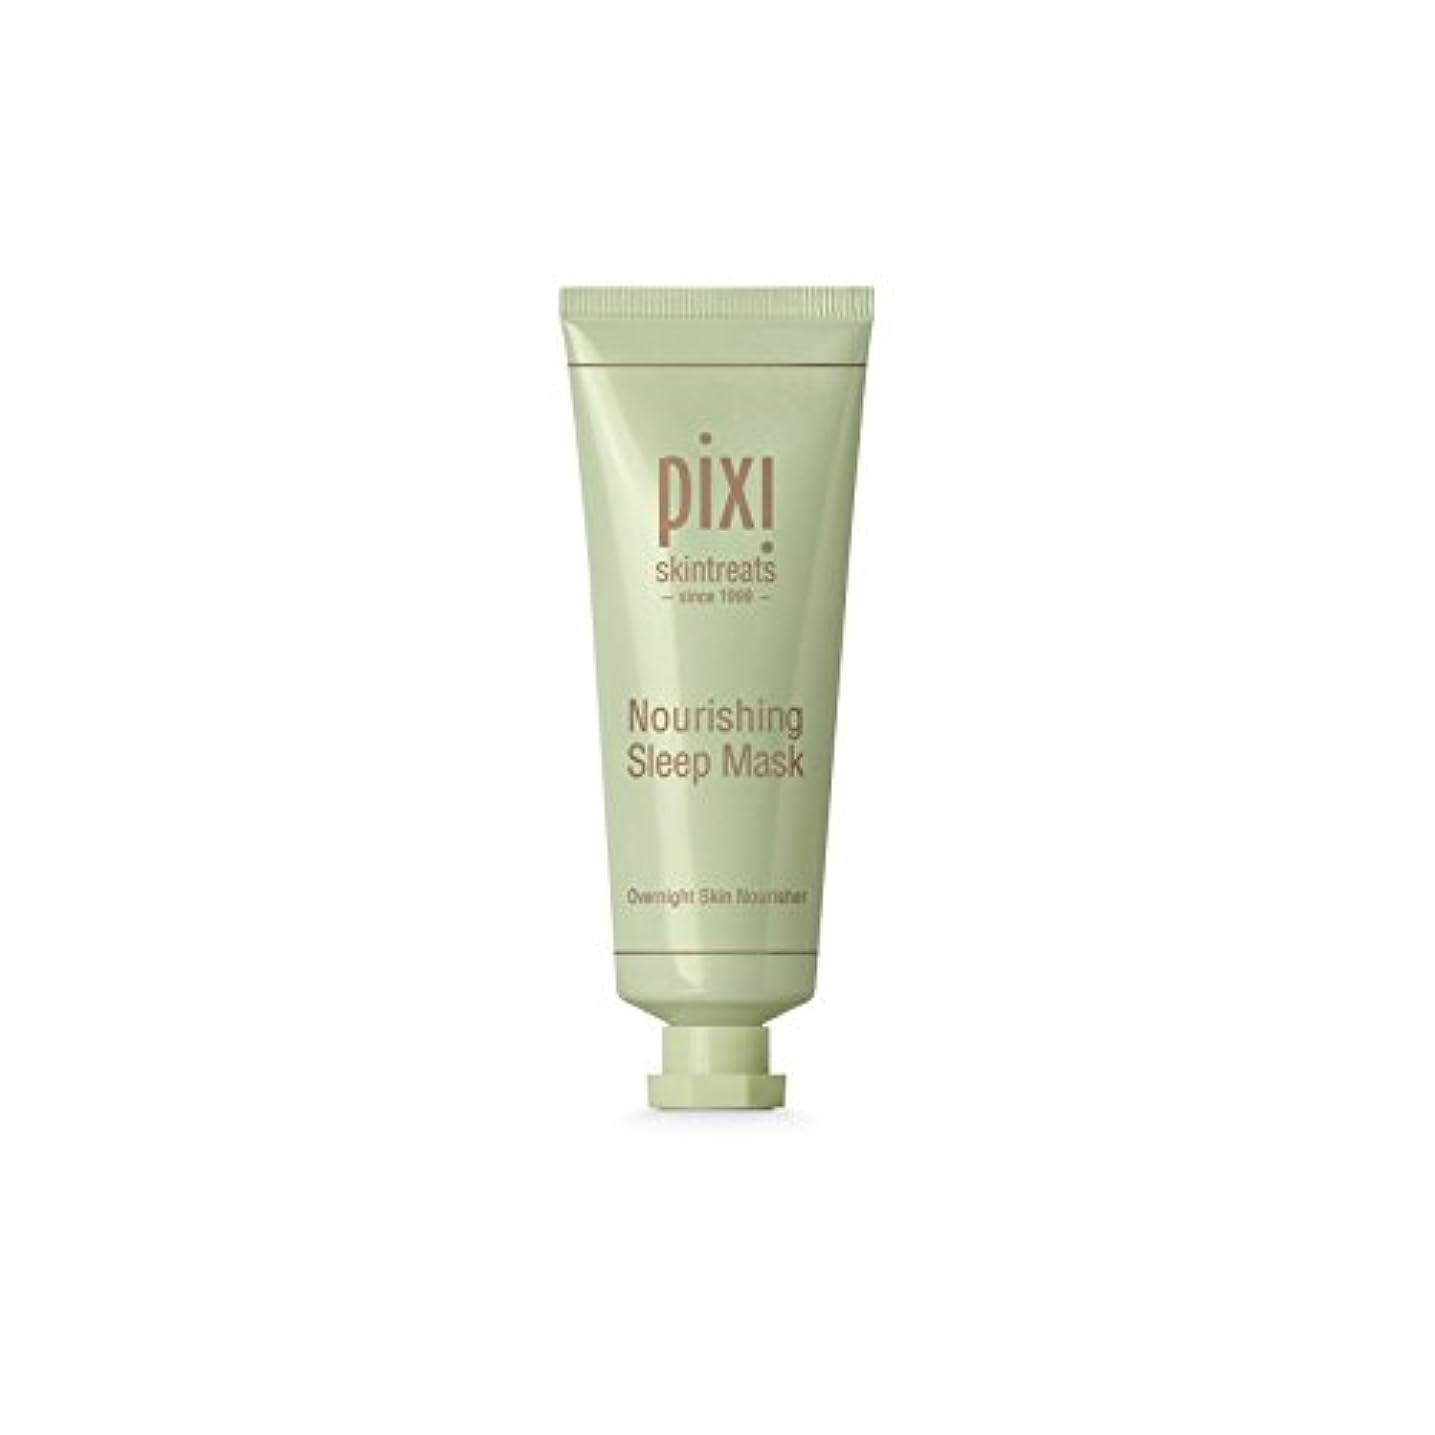 窒息させる模索レッドデート栄養スリープマスク x2 - Pixi Nourishing Sleep Mask (Pack of 2) [並行輸入品]